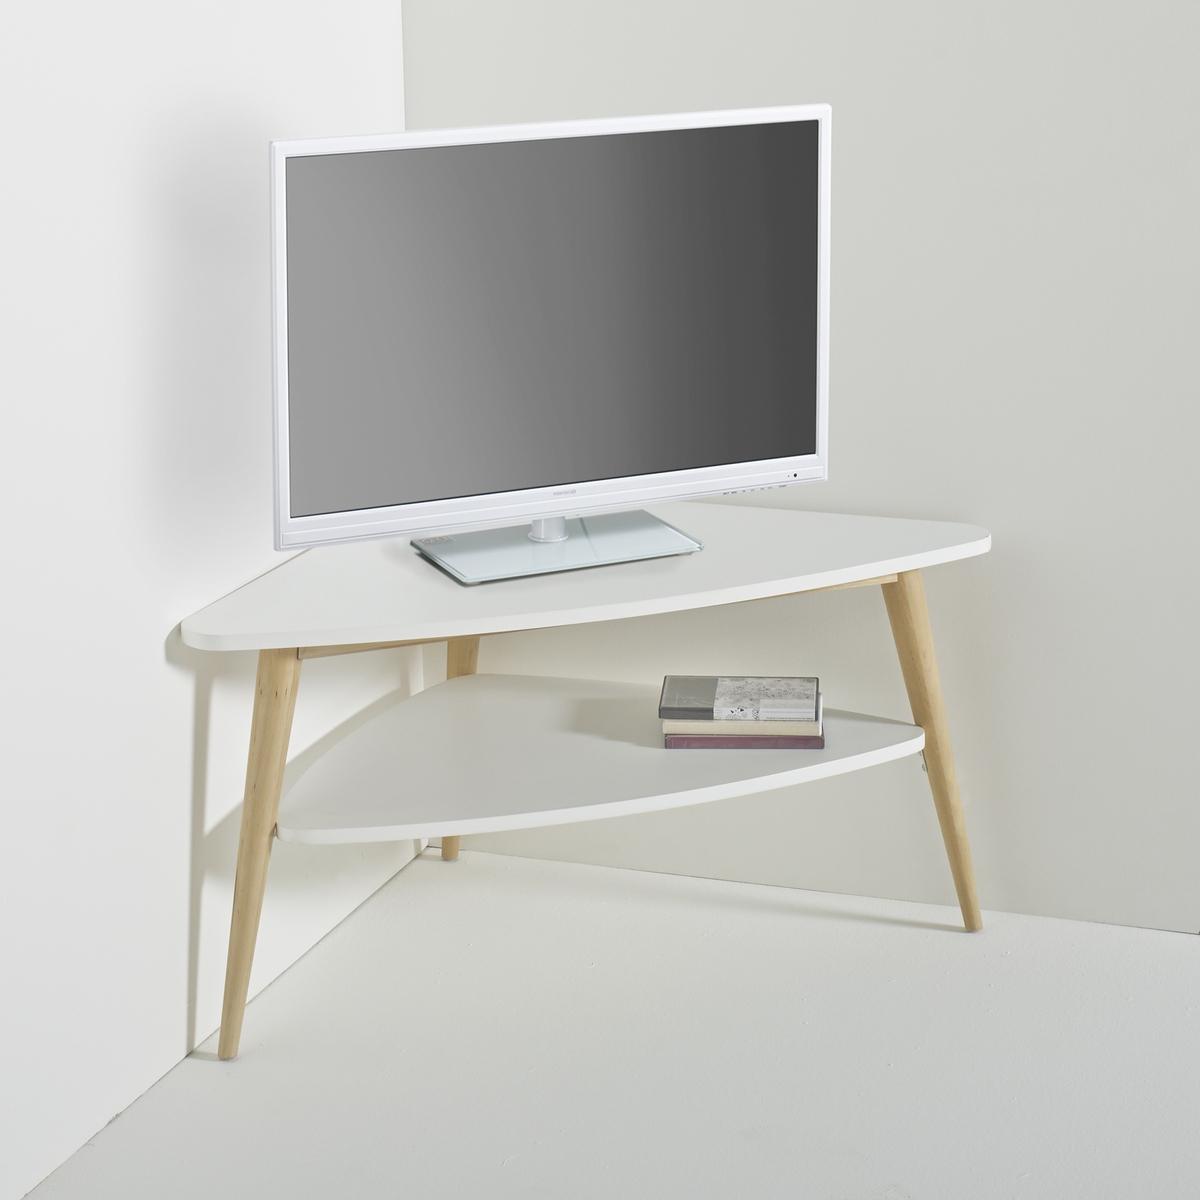 Фото Тумба под телевизор в винтажном стиле с двумя полками Jimi